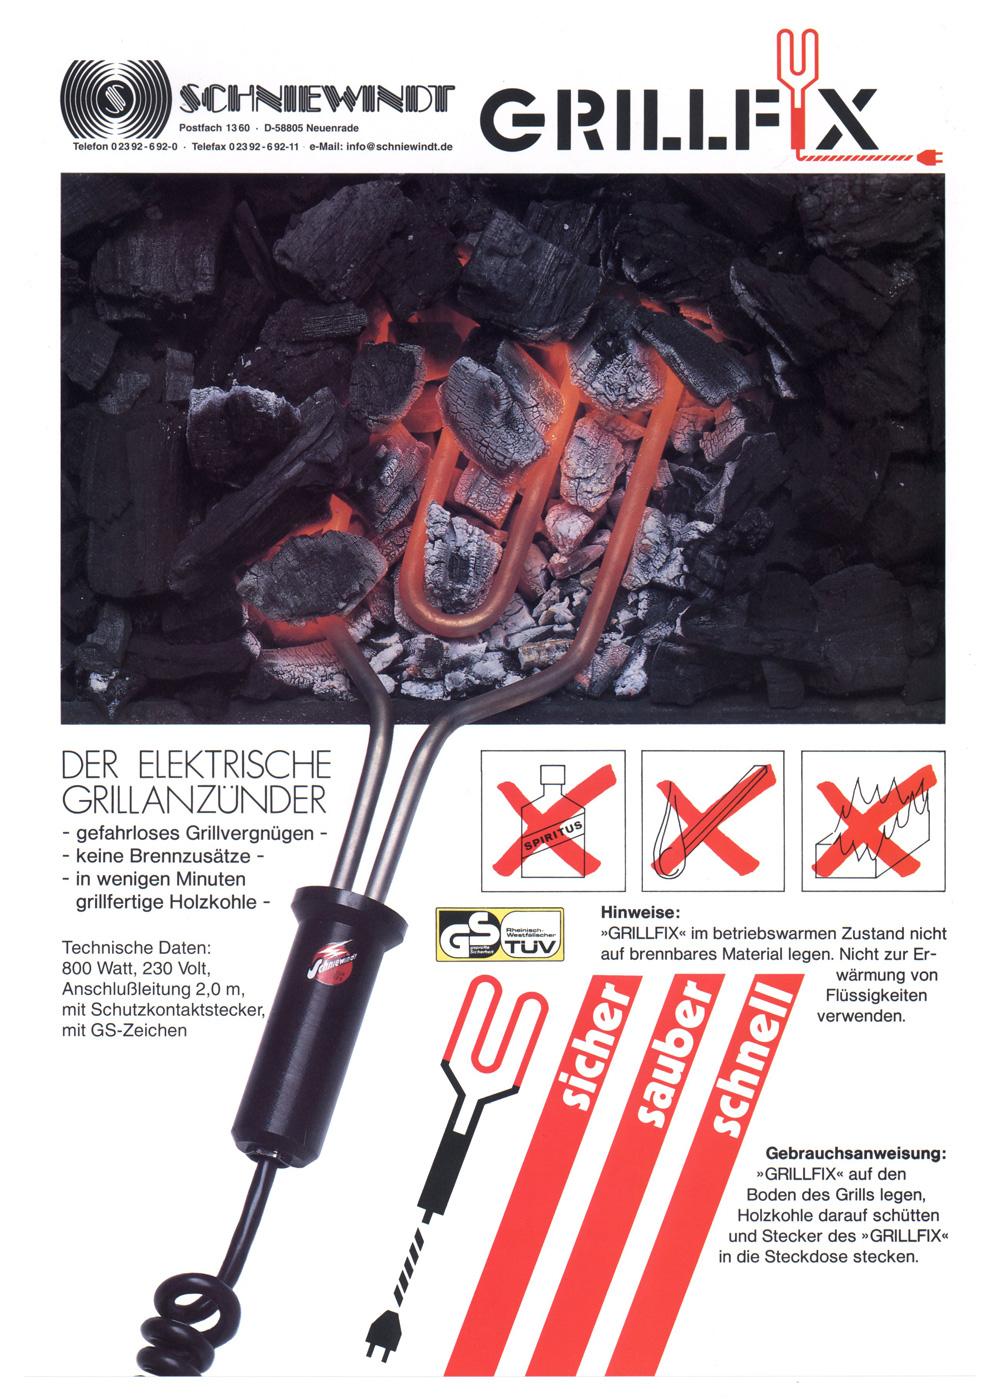 grillfix - der elektrische grillanzünder | schniewindt beheizungstechnik